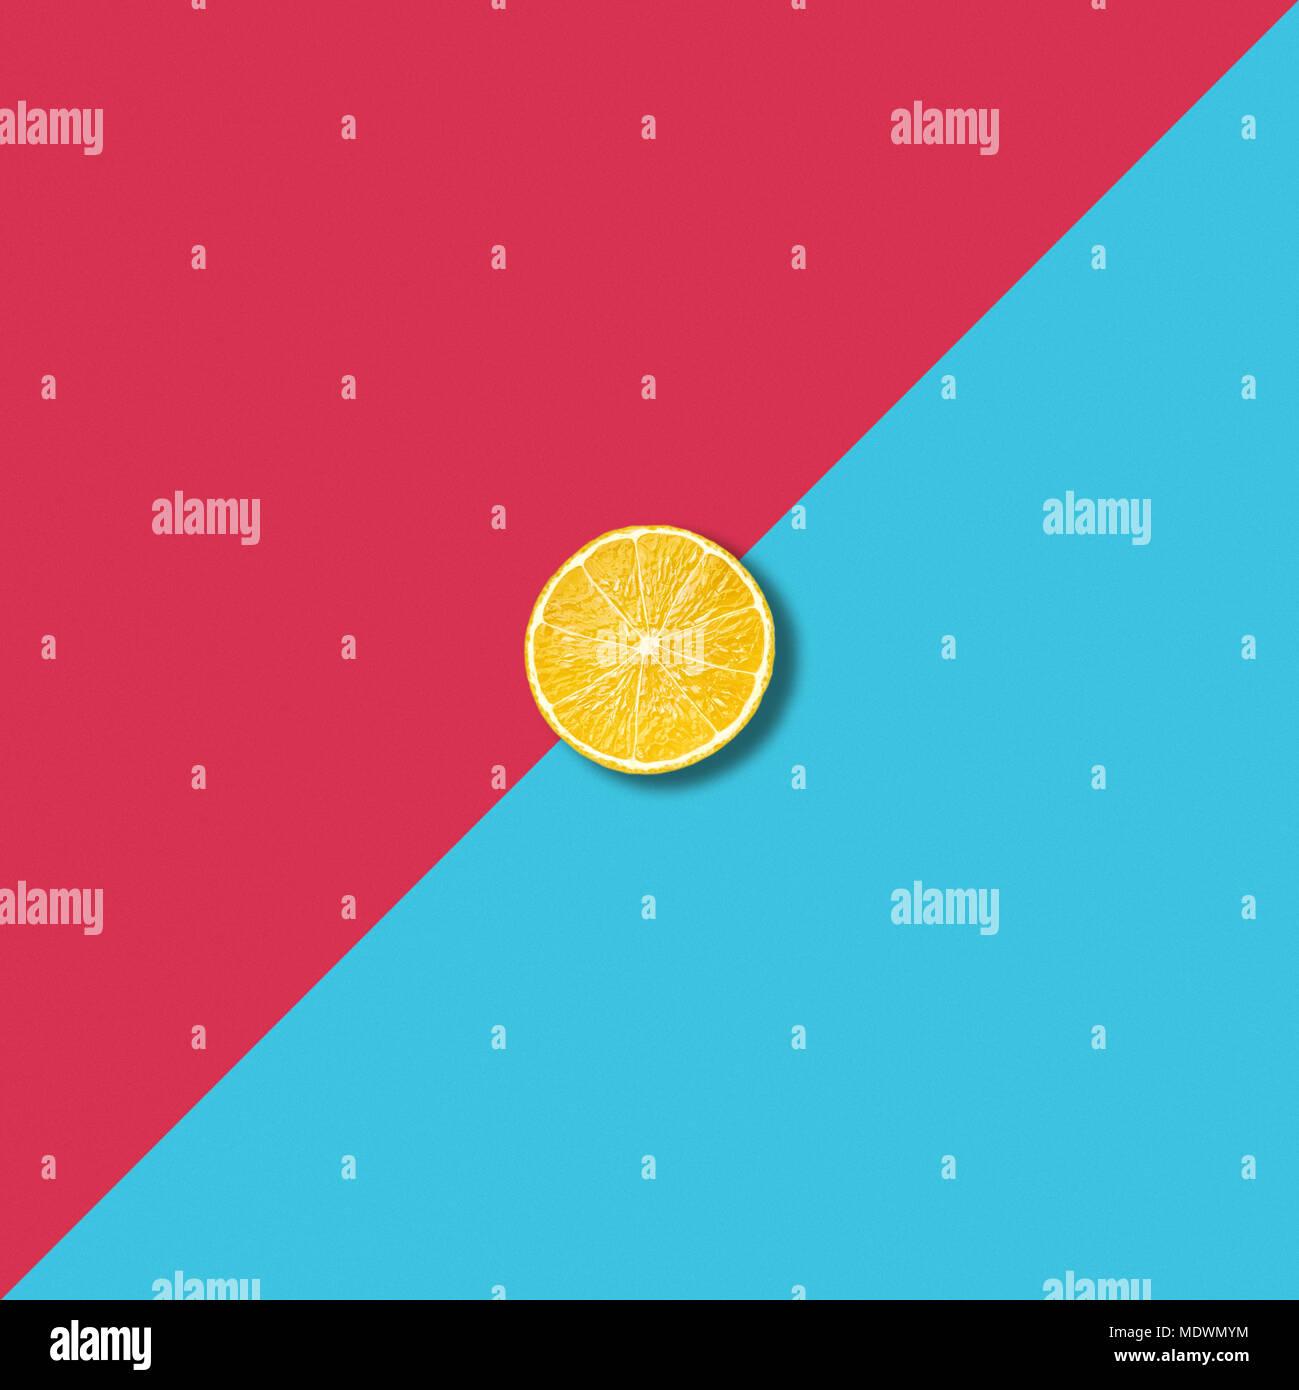 Ilustración abstracto minimalista con una rodaja de limón sobre fondo rojo y turquesa vibrante Imagen De Stock